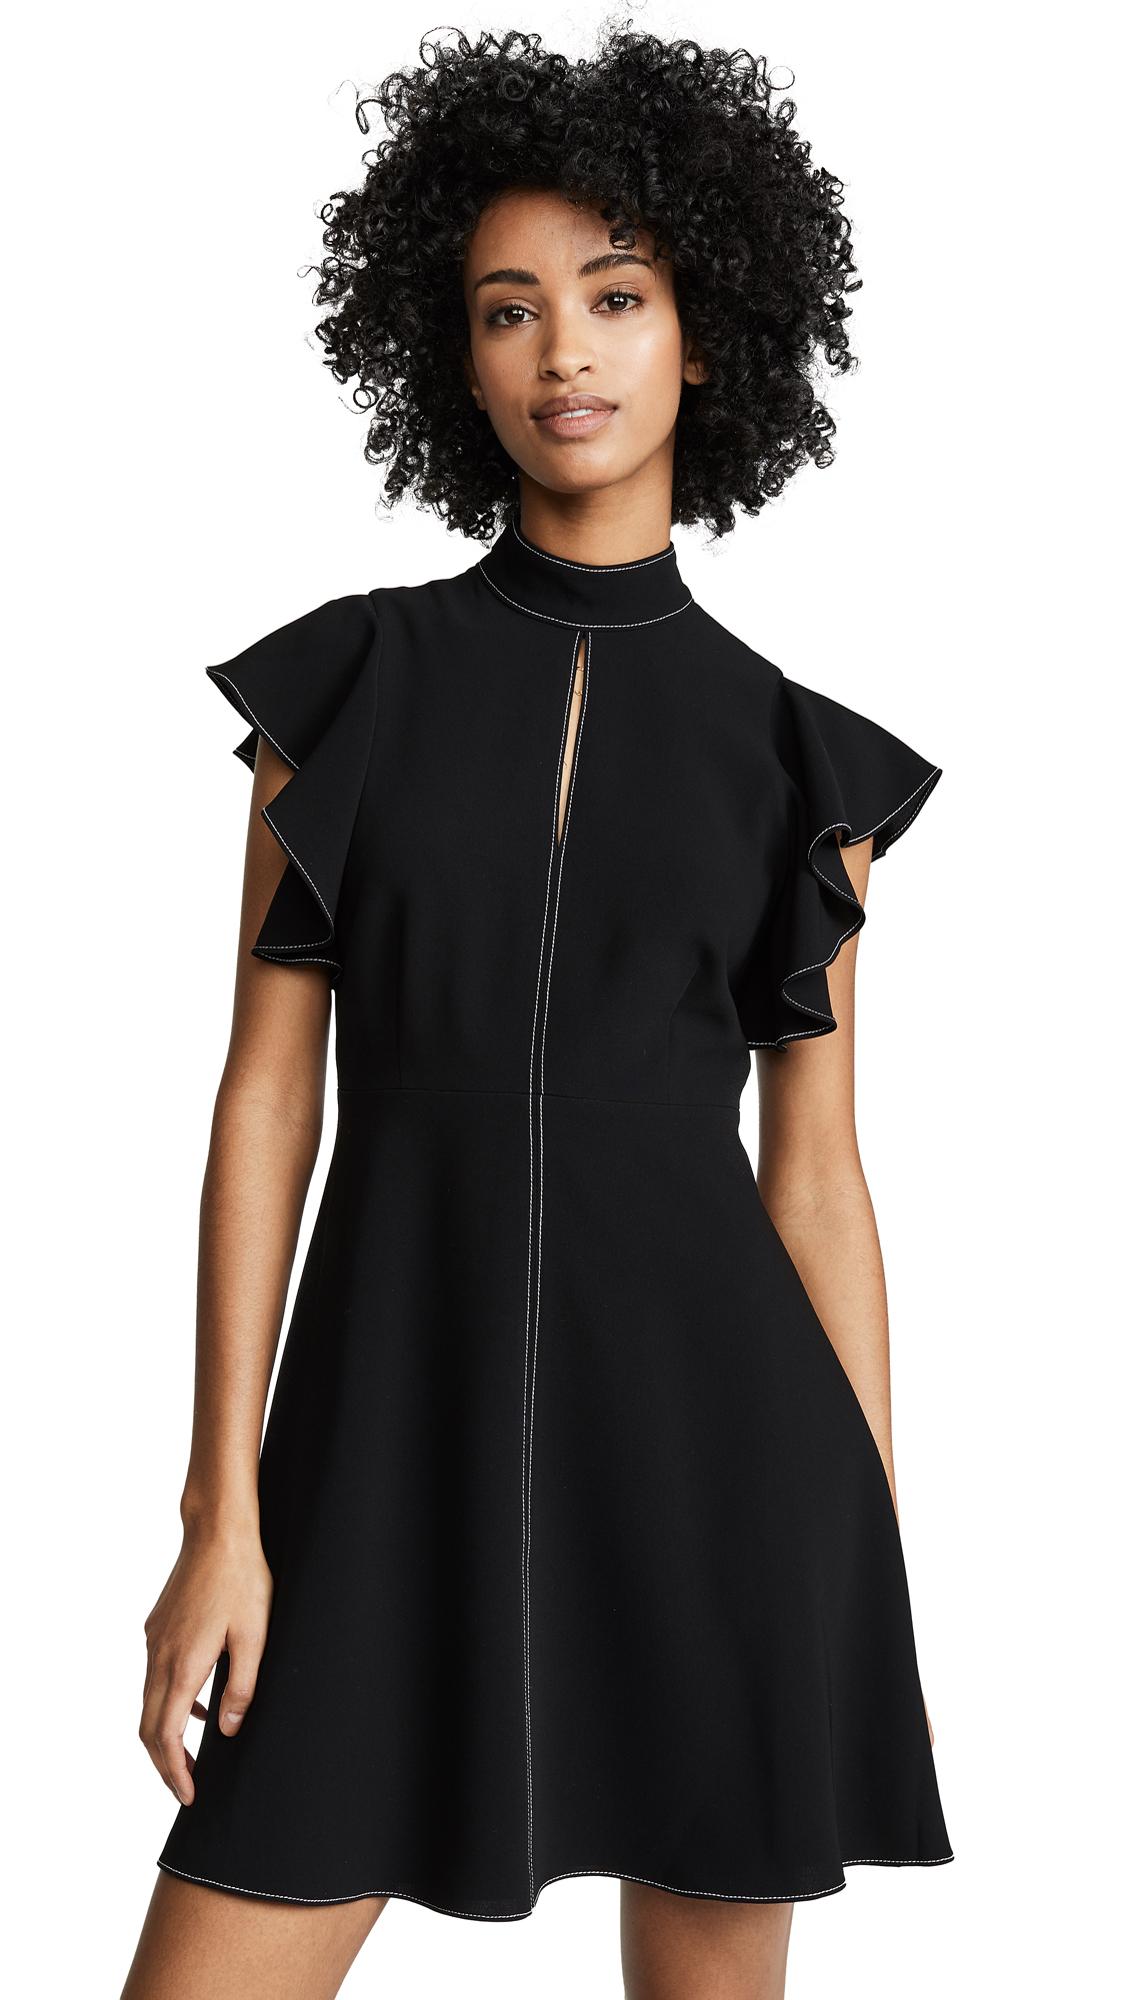 Cinq a Sept Topstitch Reiko Dress - Black/Ivory